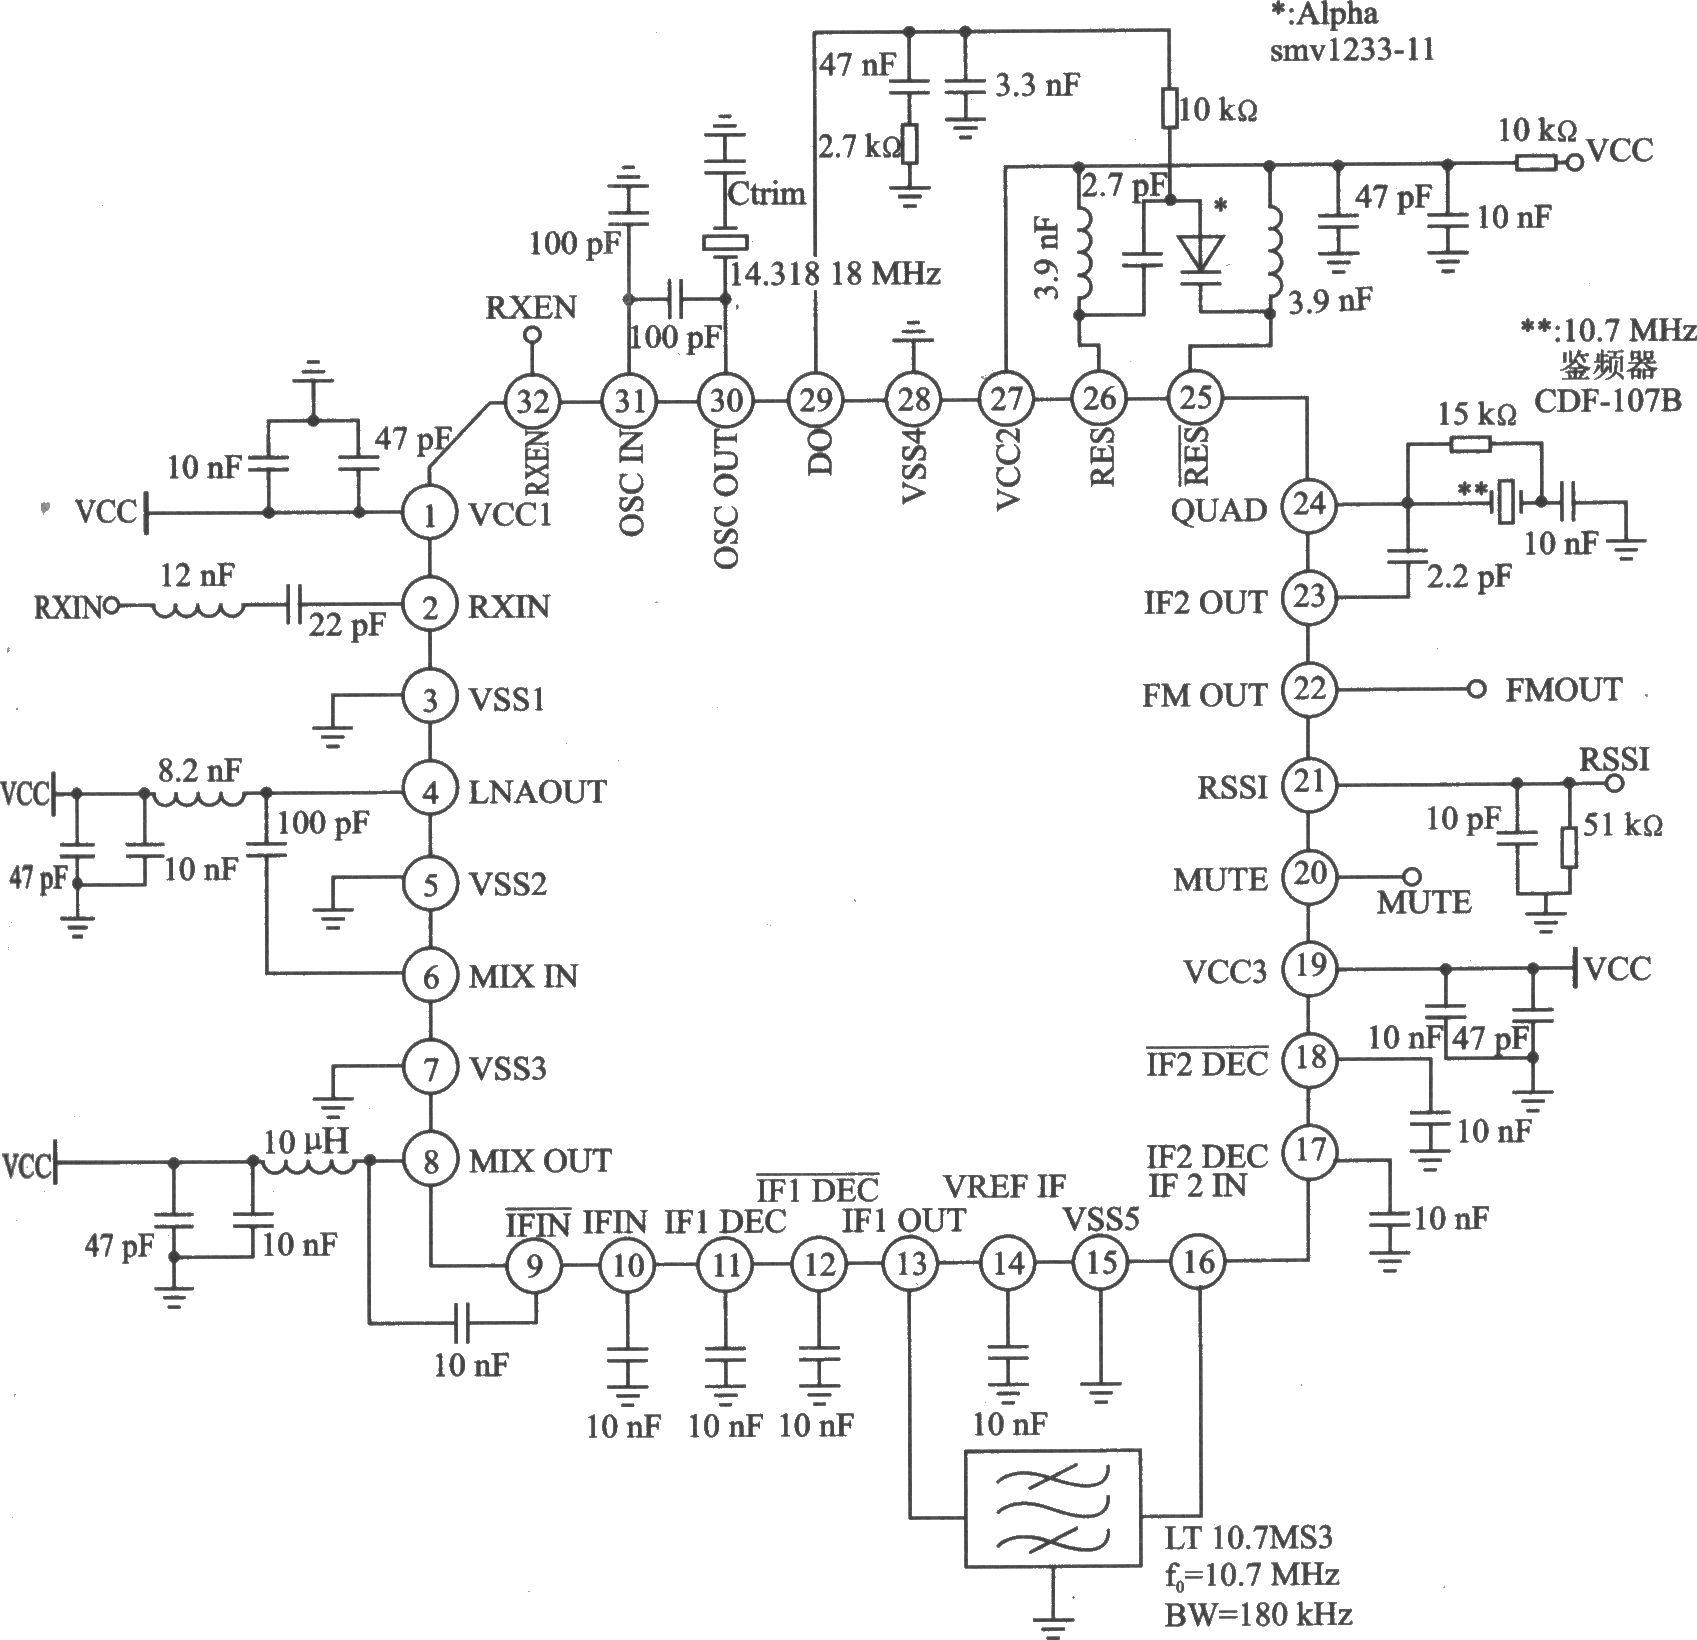 适用于无线鼠标、无线放大器/扩音器/扬声器/耳机和无线汽车报警系统等领域。主要技术特点如下:RR频率为300~1000 MHz 5FM/FSK解调方式;212作电压为2.7~5.0 V 灵敏度为-97 dBm(中频带宽=15kHz,RF频率-915 MHz,信噪比=8 dB);工作电流为l0 mA,待机最大电流为l A;作温度为-10~60。 应用电路(906 MHz)